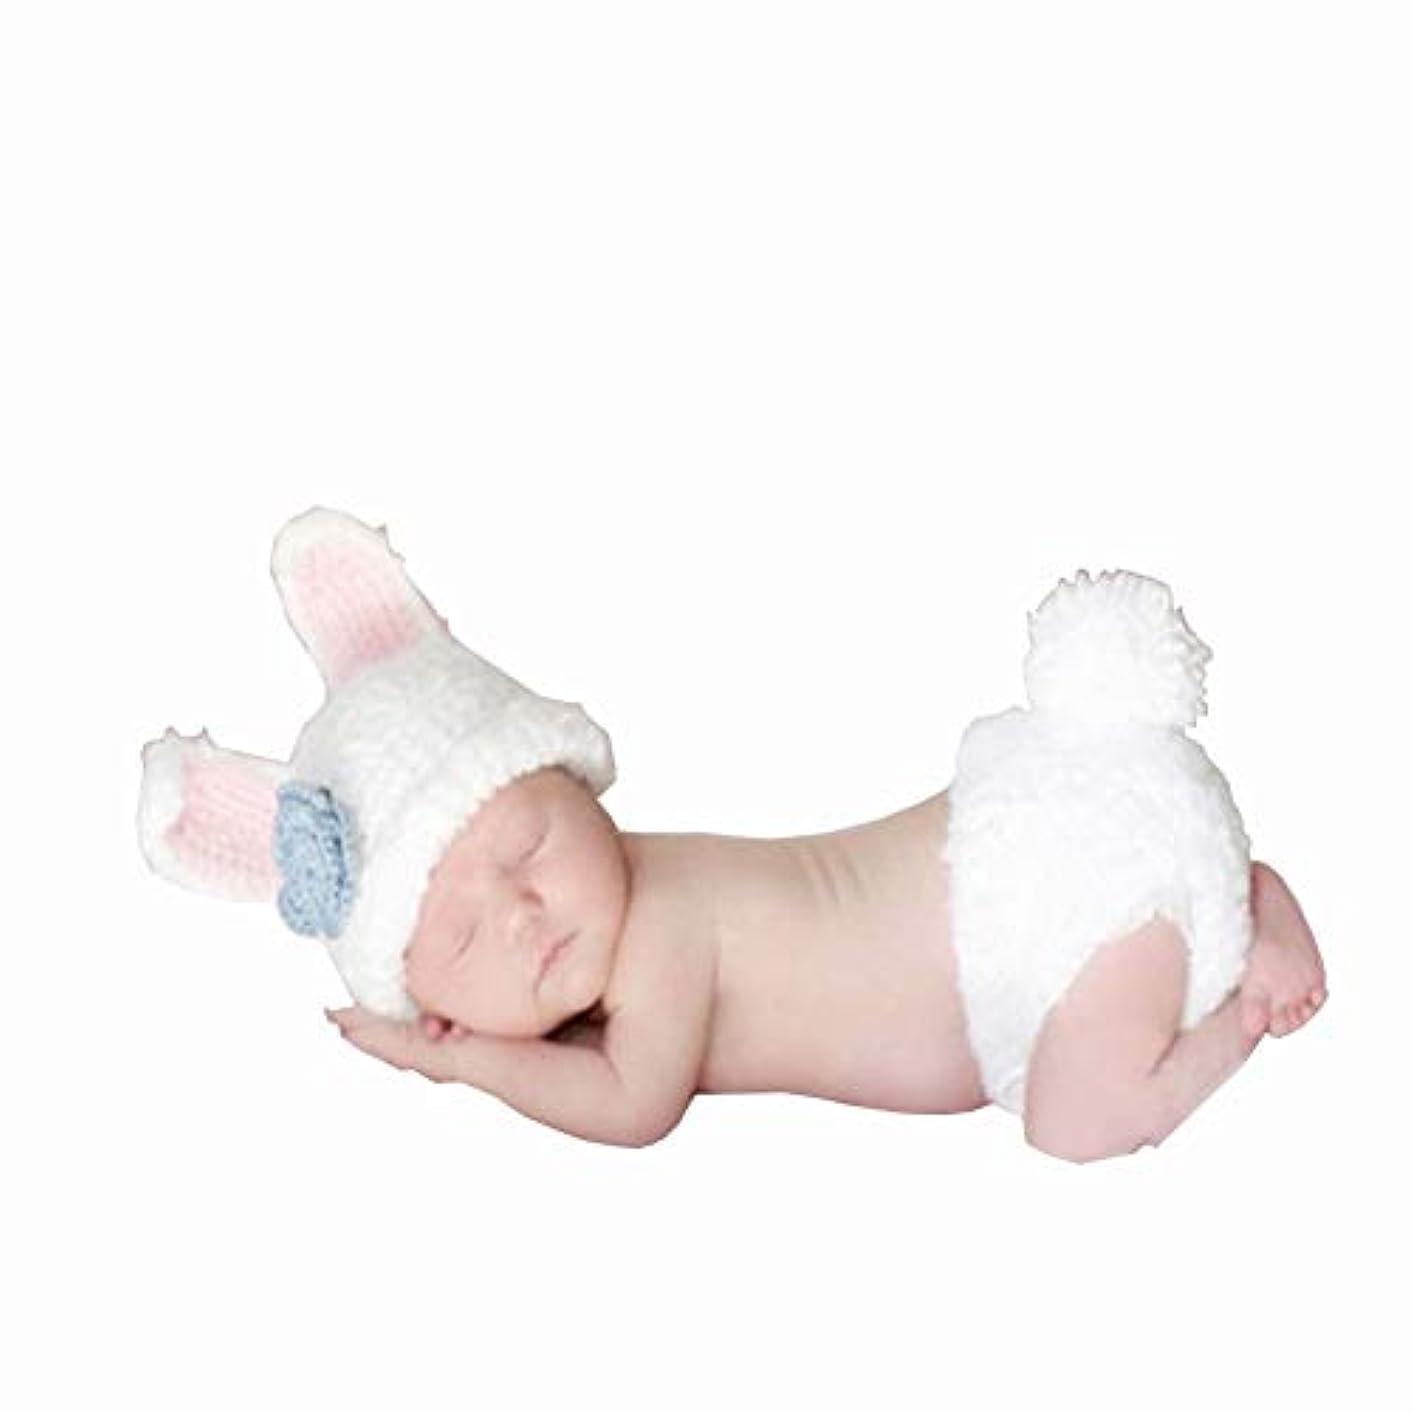 彫るに対応外交問題ベビー用着ぐるみ 寝相アート ベビーコスチューム 新生児 赤ちゃん 写真を撮る道具 毛糸 手編み